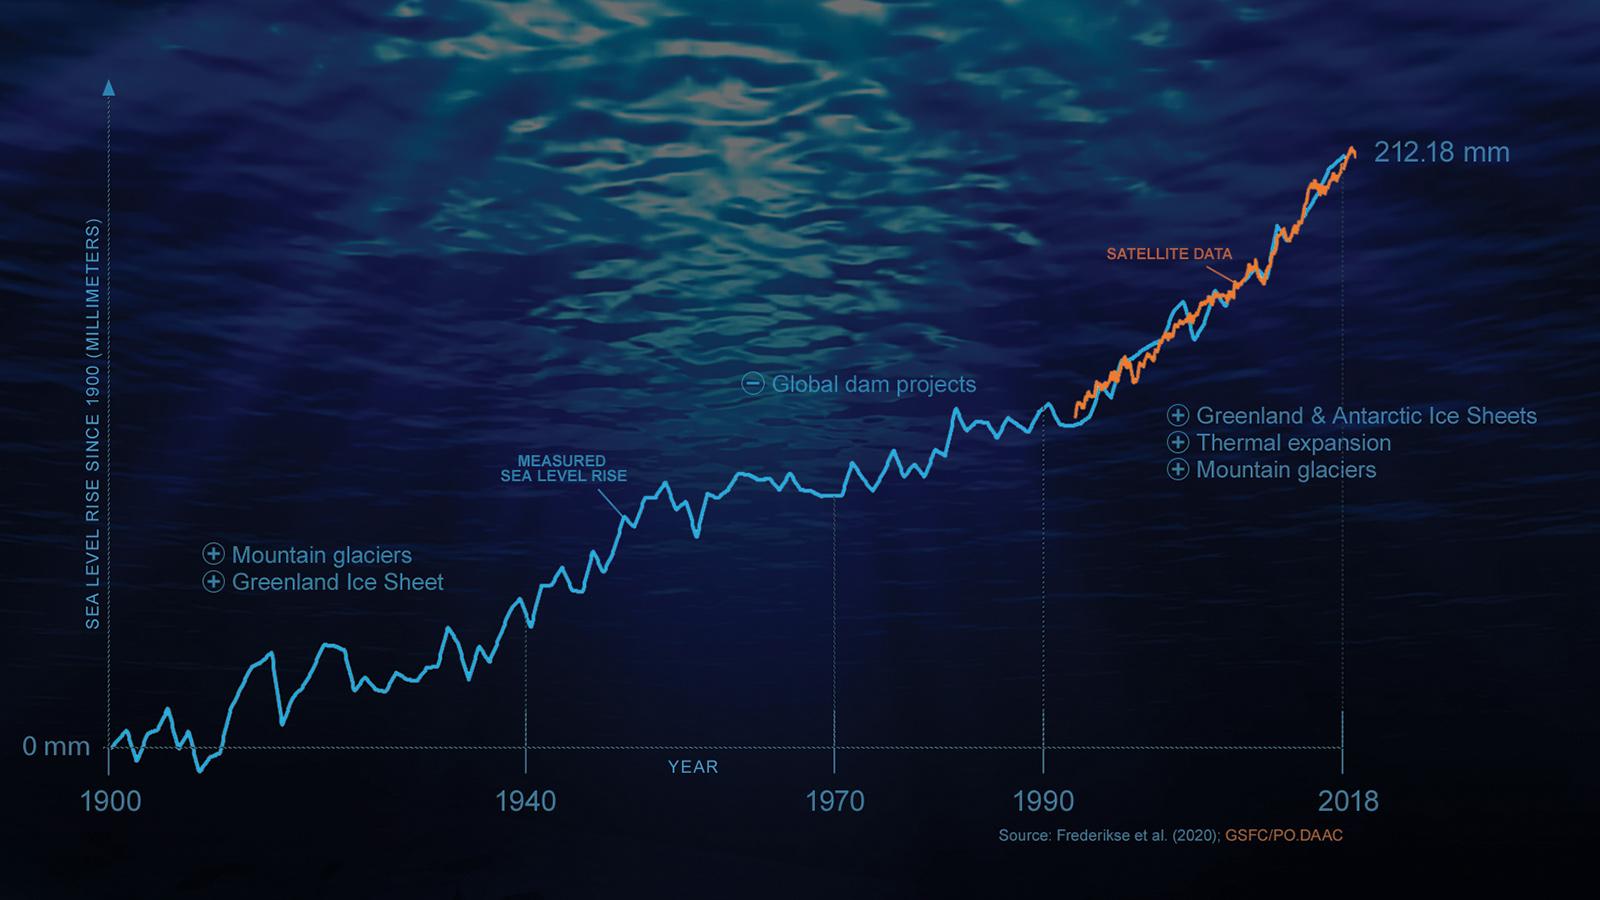 Globally averaged sea level